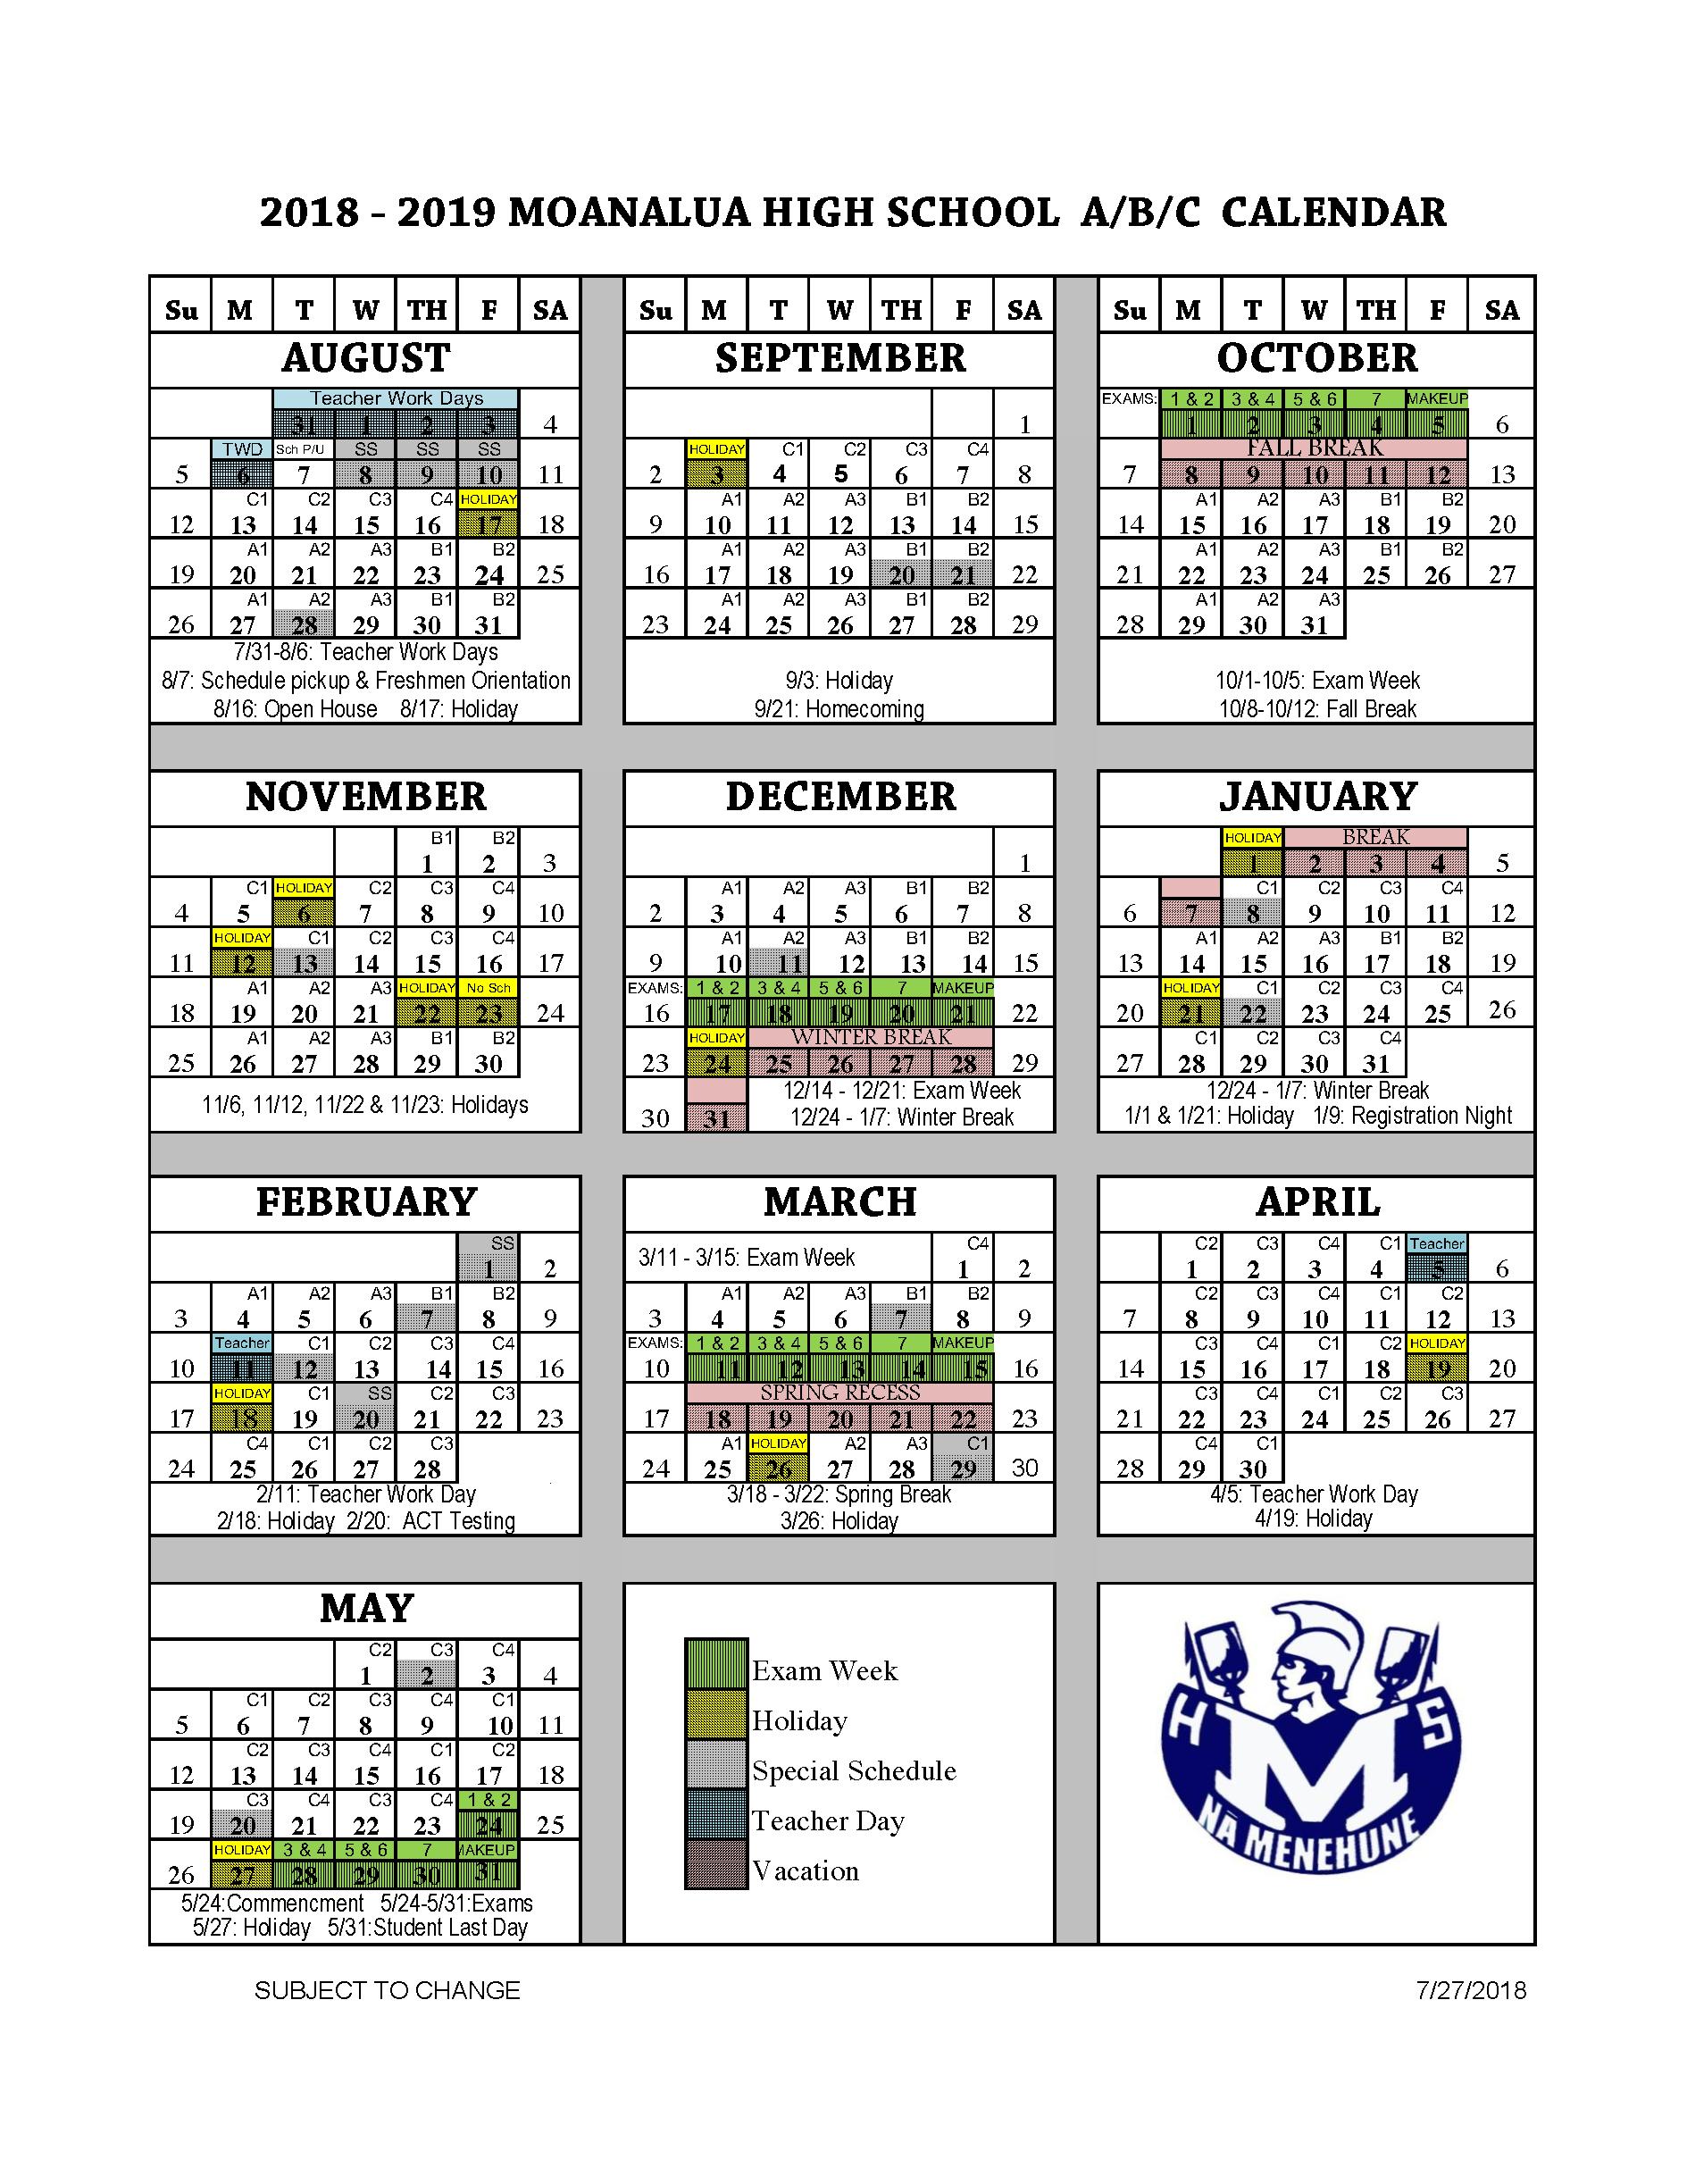 school year calendar a b c